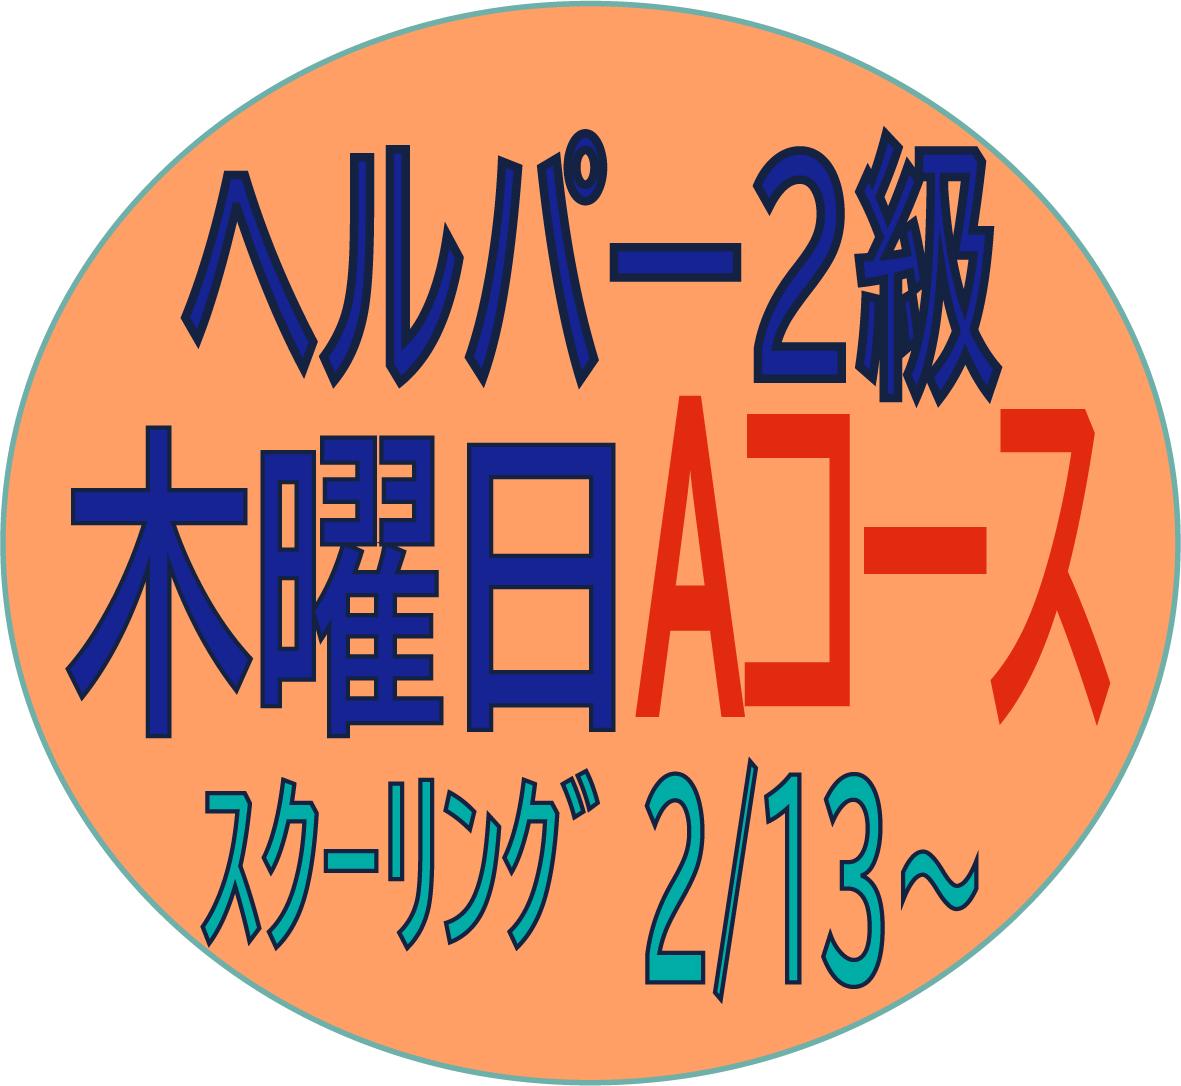 j202001tmoh2a